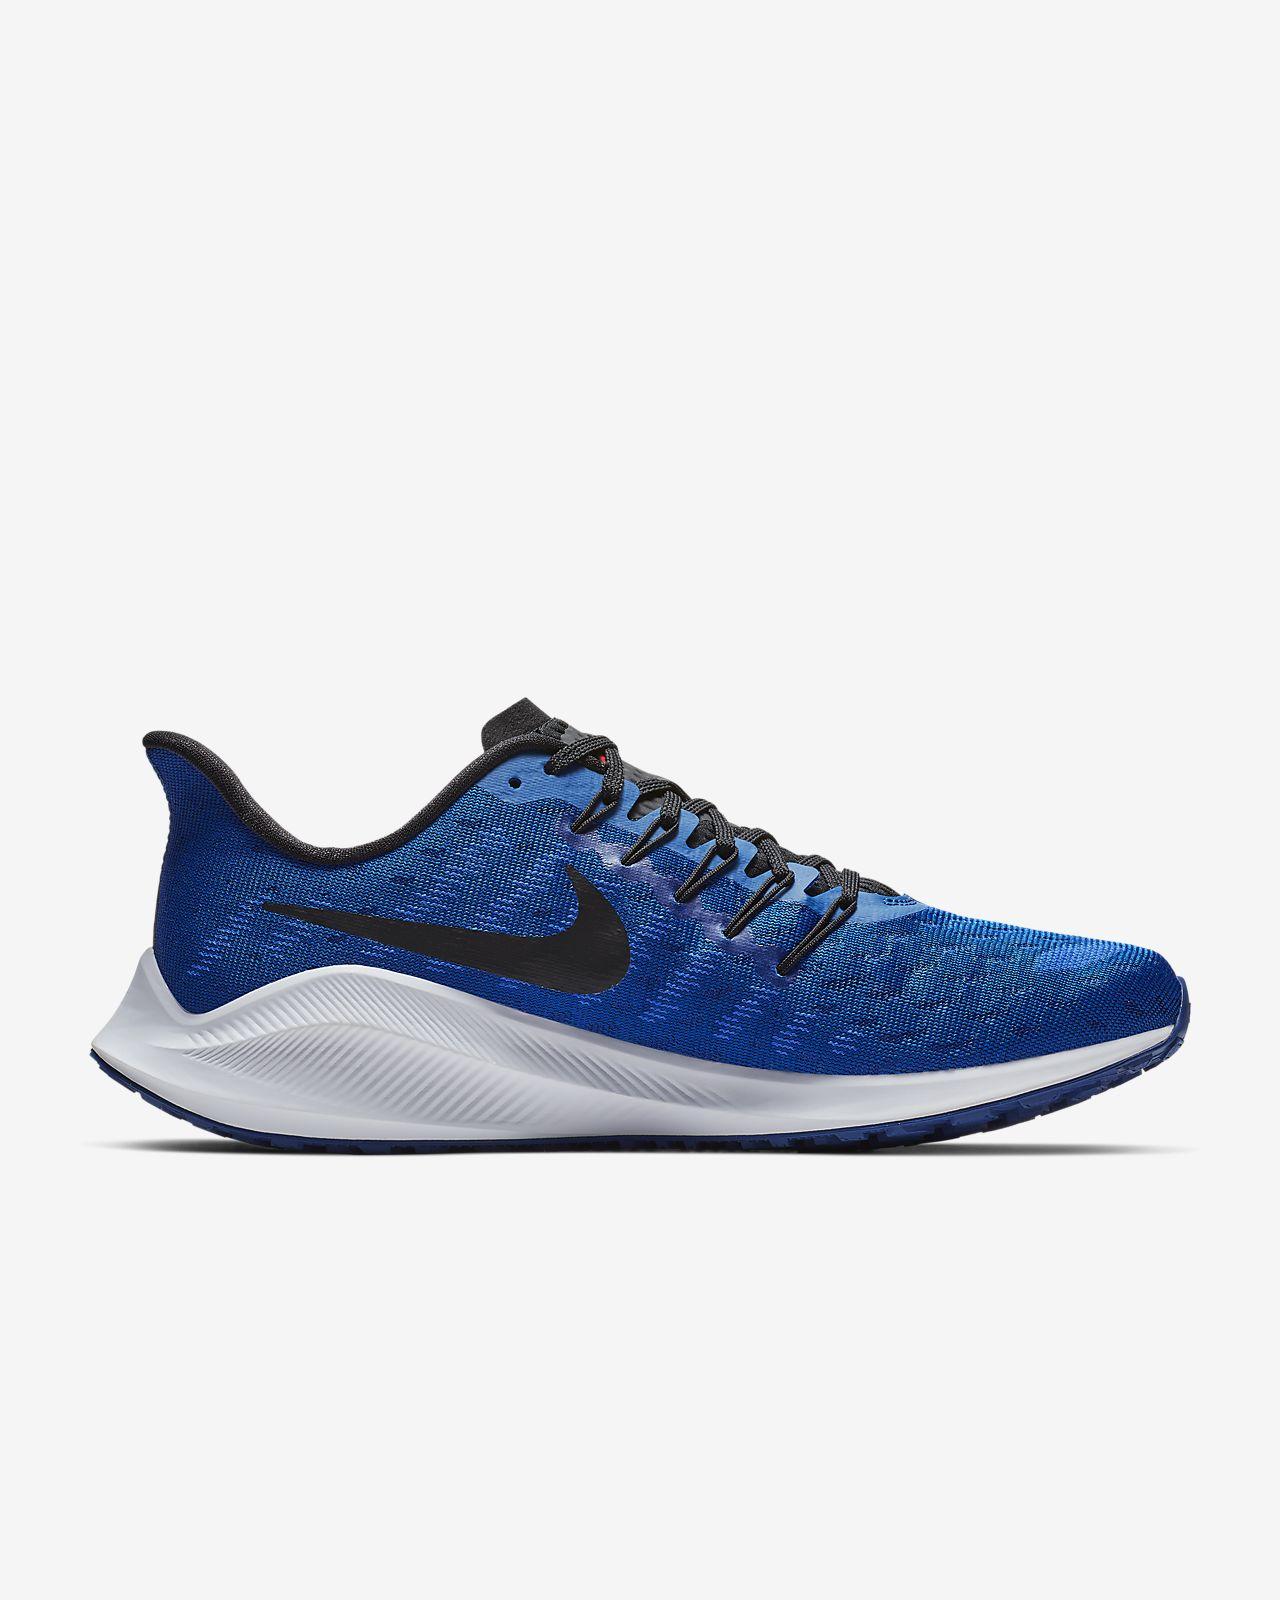 6edd486459b1b Nike Air Zoom Vomero 14 Zapatillas de running - Hombre. Nike.com ES